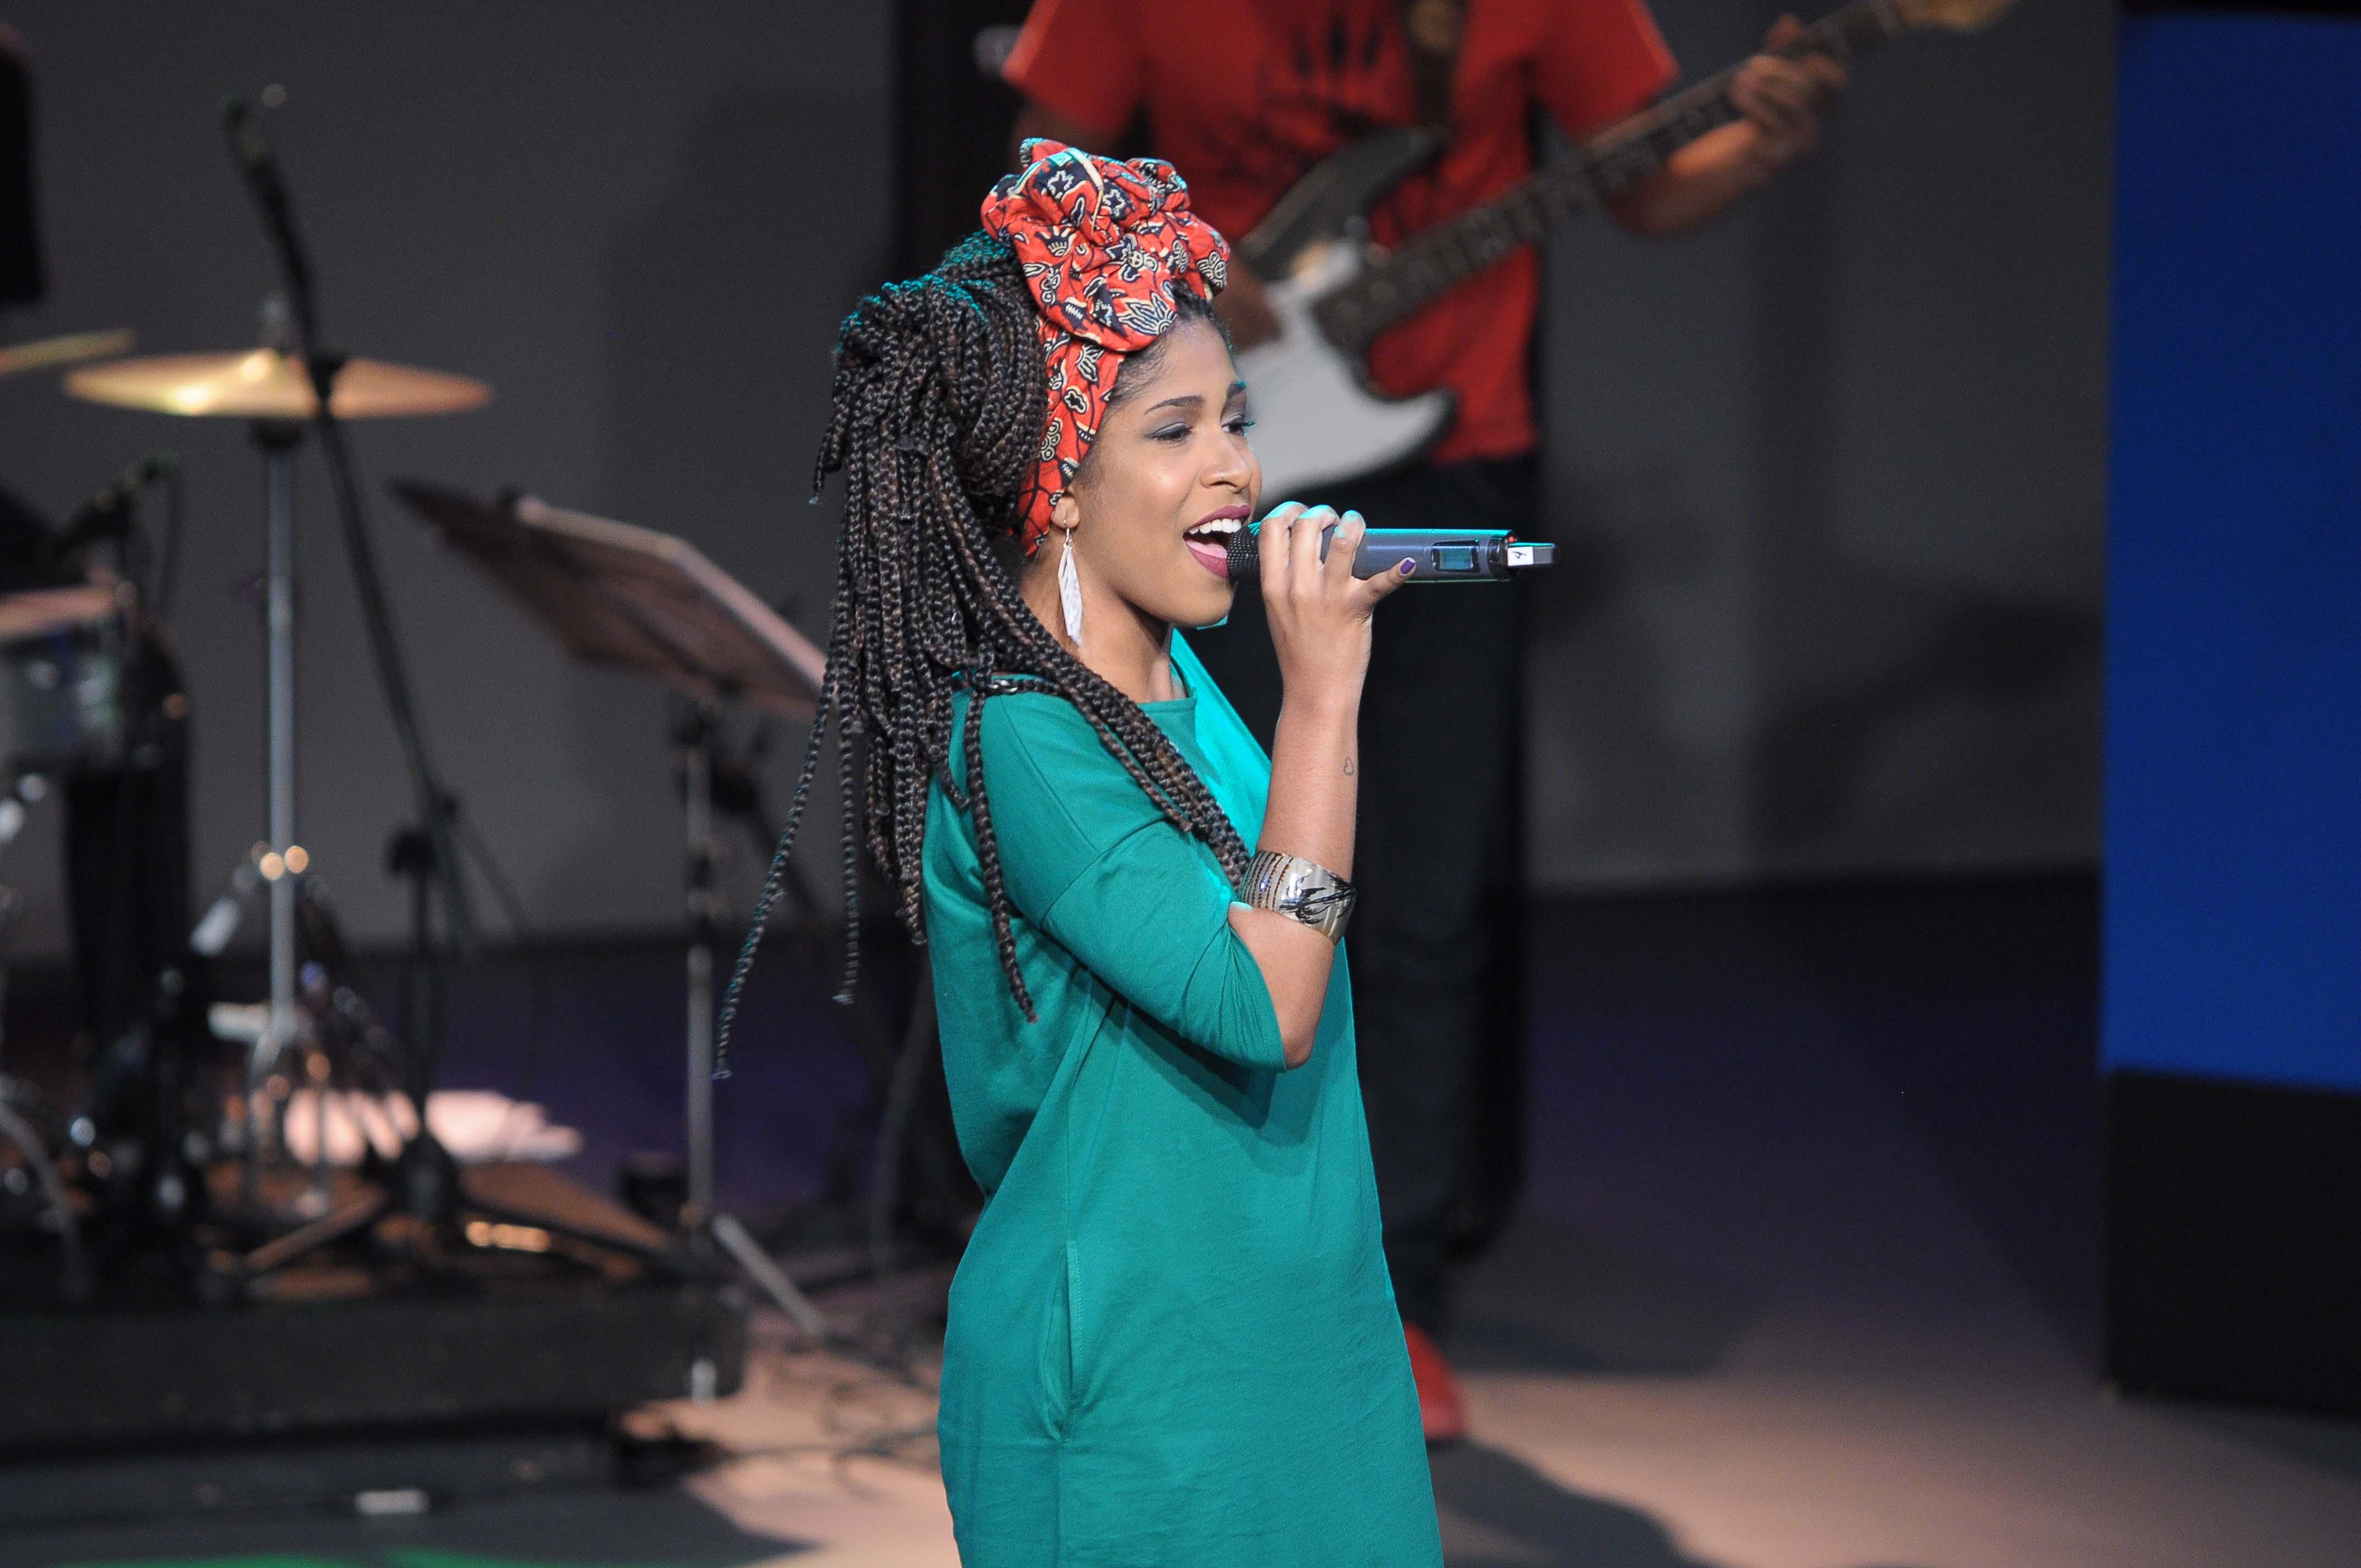 A cantora, que está no mundo do rap desde os 14 anos, também conta sobre o projeto Rimas & Melodias. O programa vai ao ar no sábado (23/7), às 19h, na TV Cultura